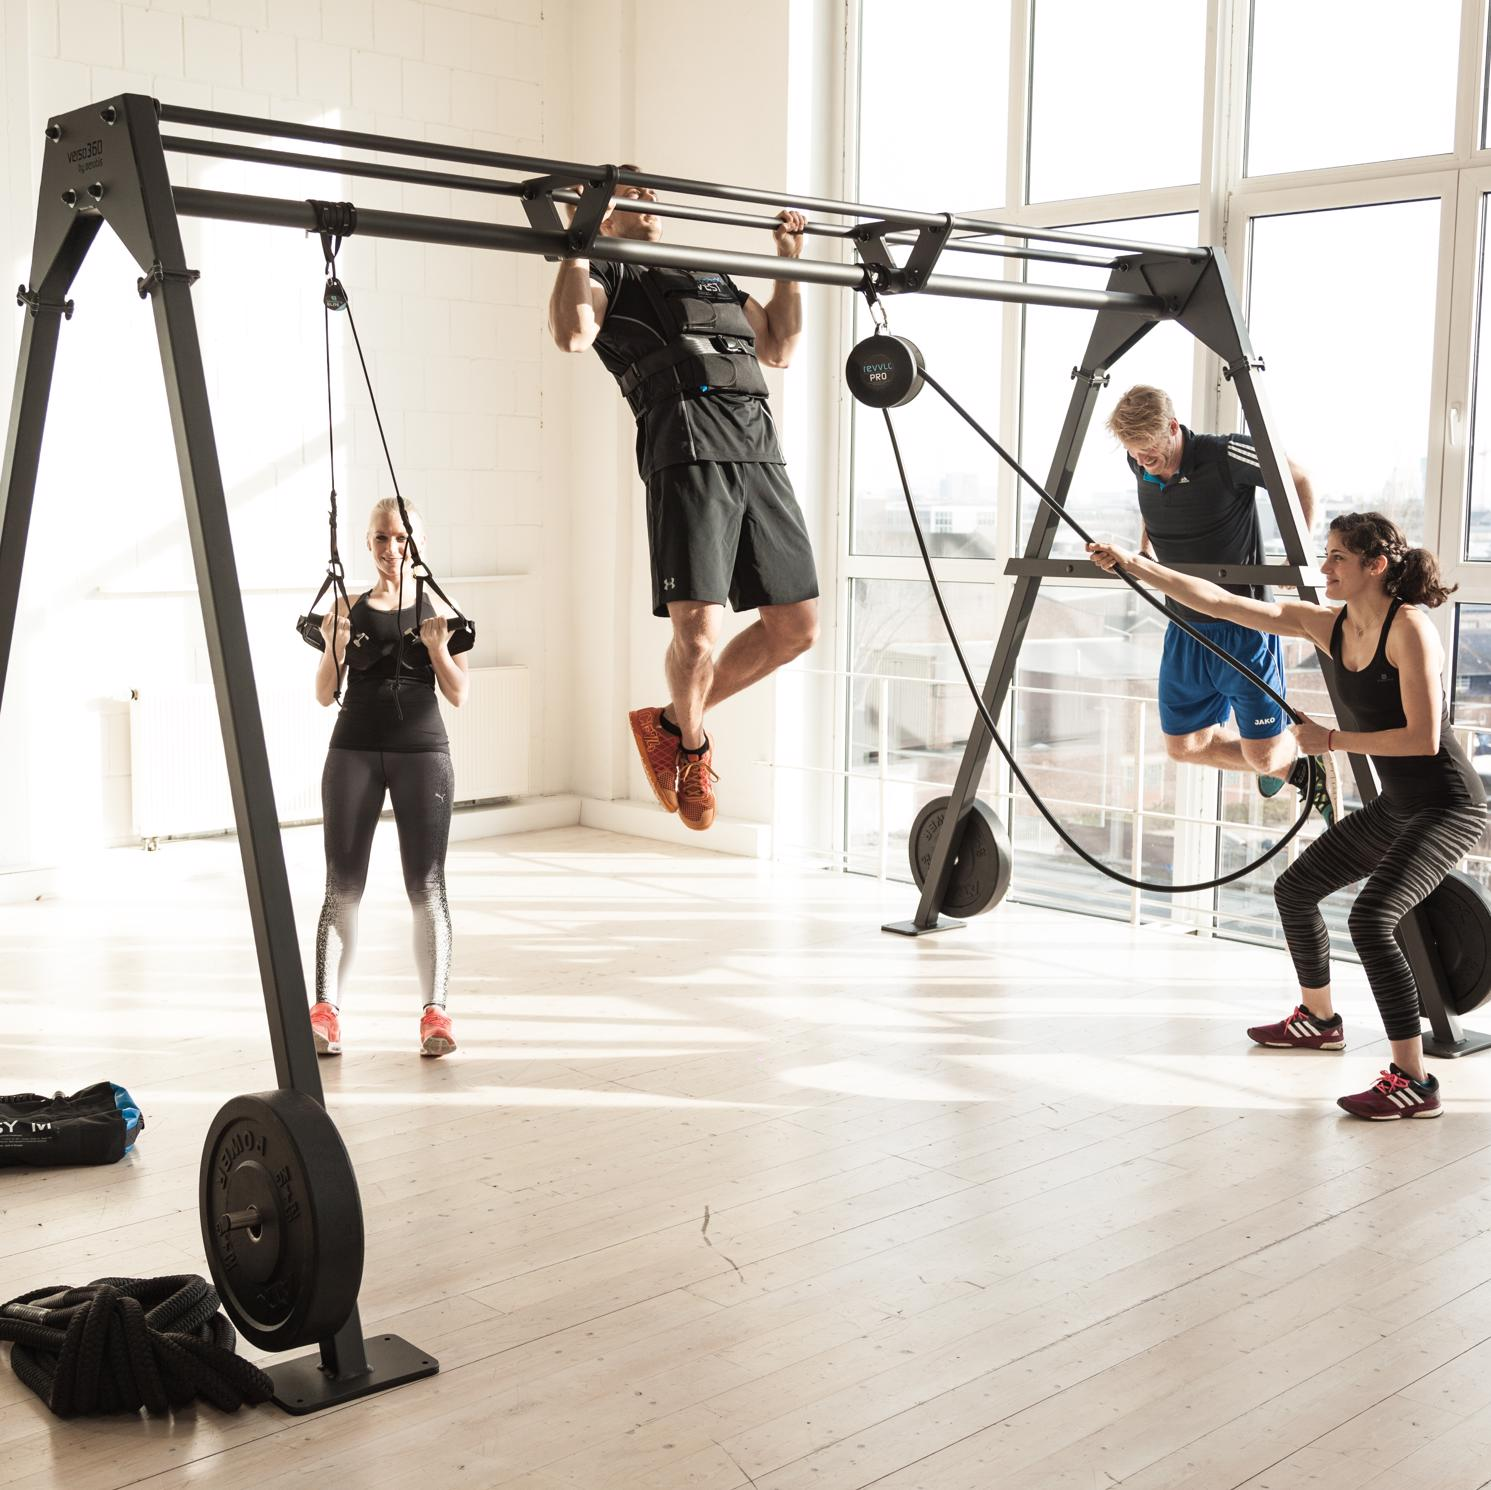 Γυμναστηριακός Εξοπλισμός